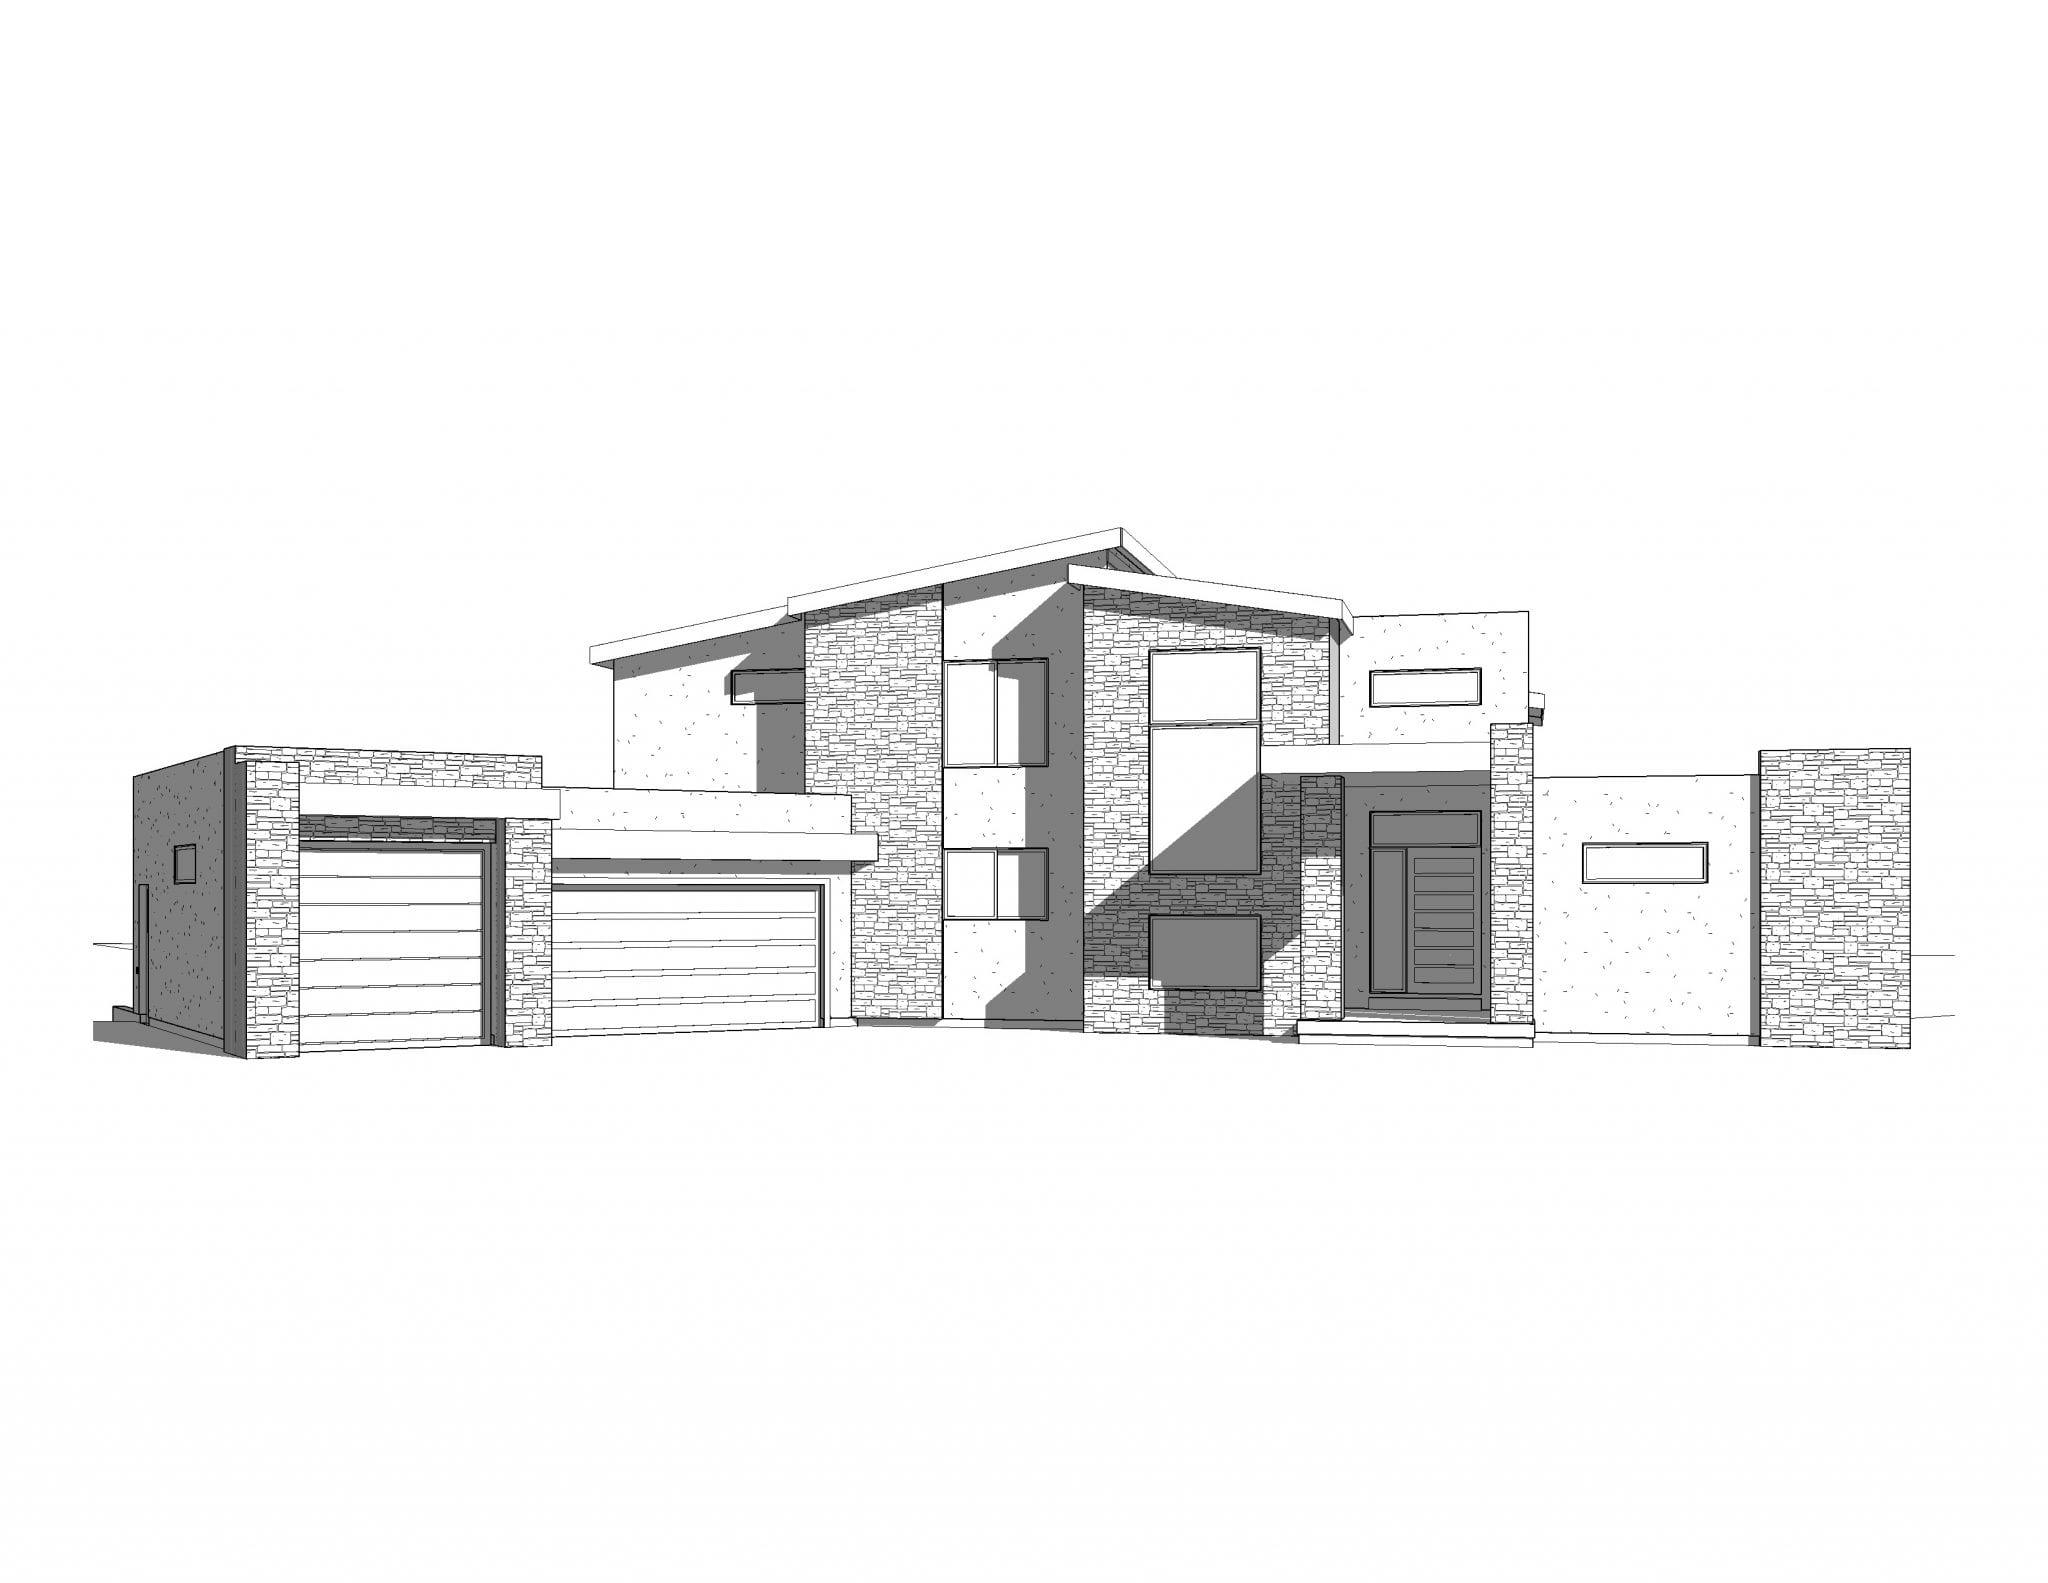 Fir Crest – Walker Home Design